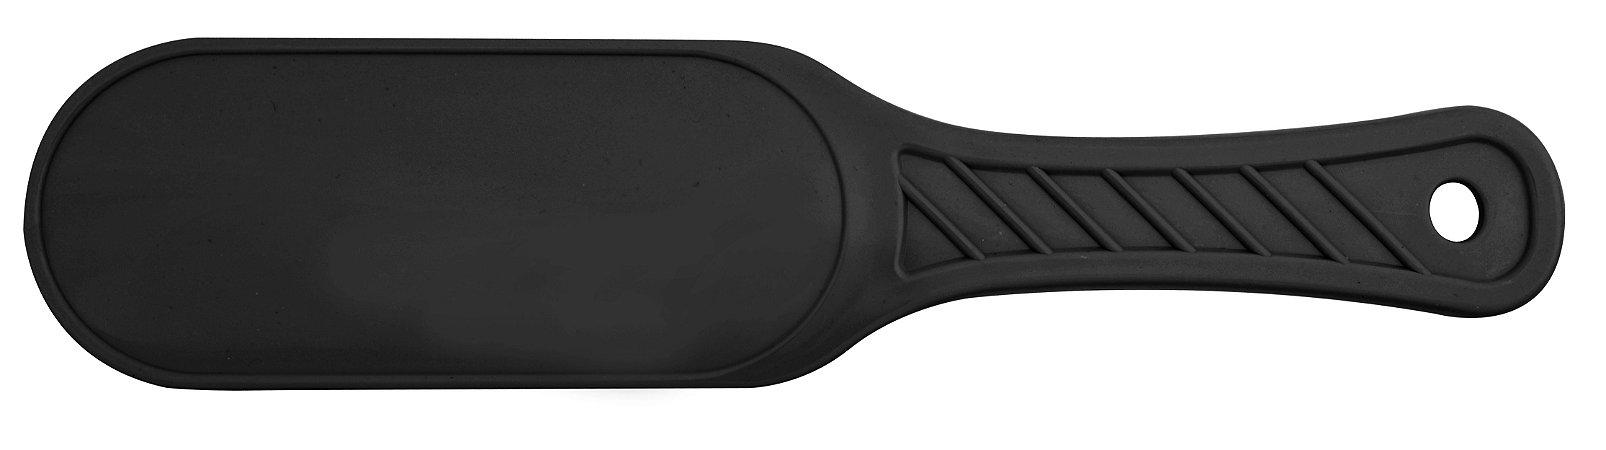 SANTA CLARA Suporte para Lixa para os Pés Ref.655/689 Plástico Preto (2979)